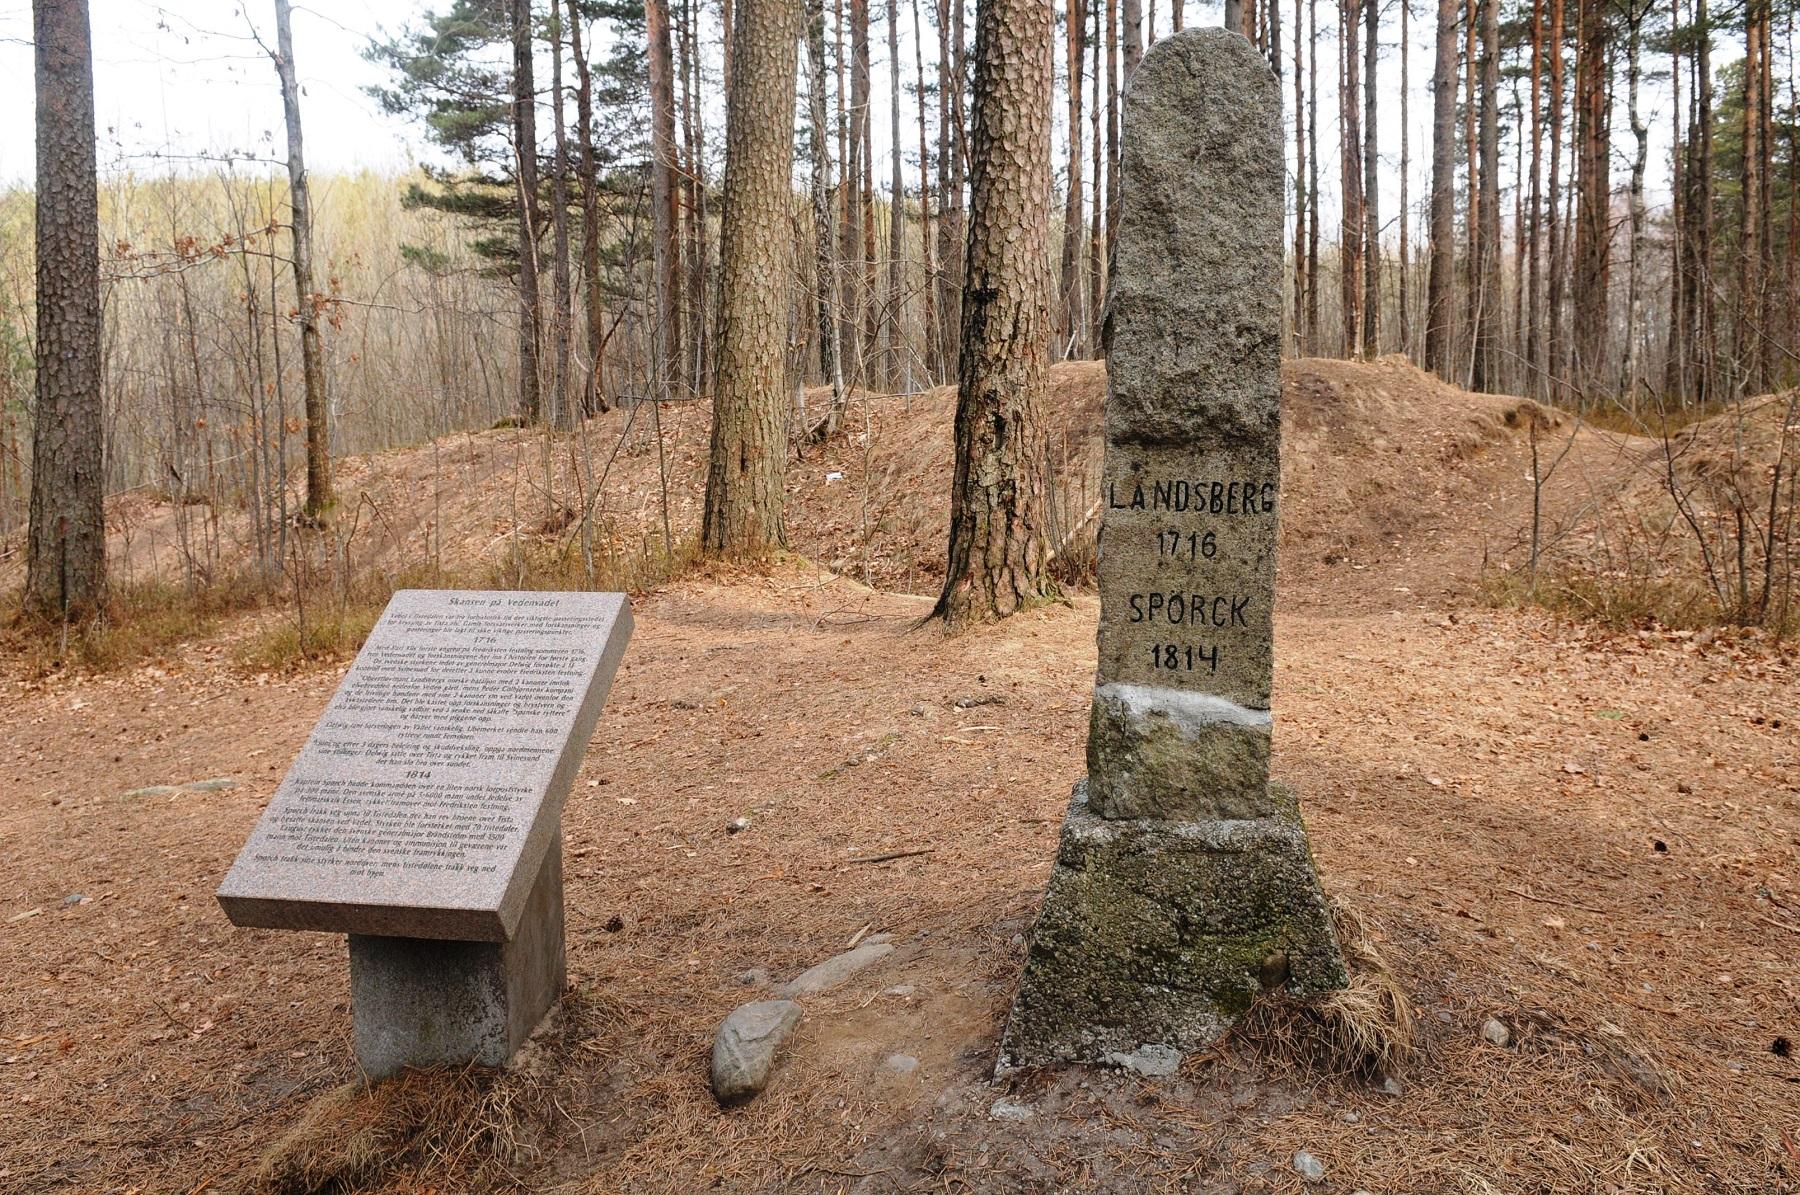 Bautaen og informasjon ved skansen på Veden-vadet. Foto: Svein Norheim, Østfoldmuseene Halden historiske Samlinger.